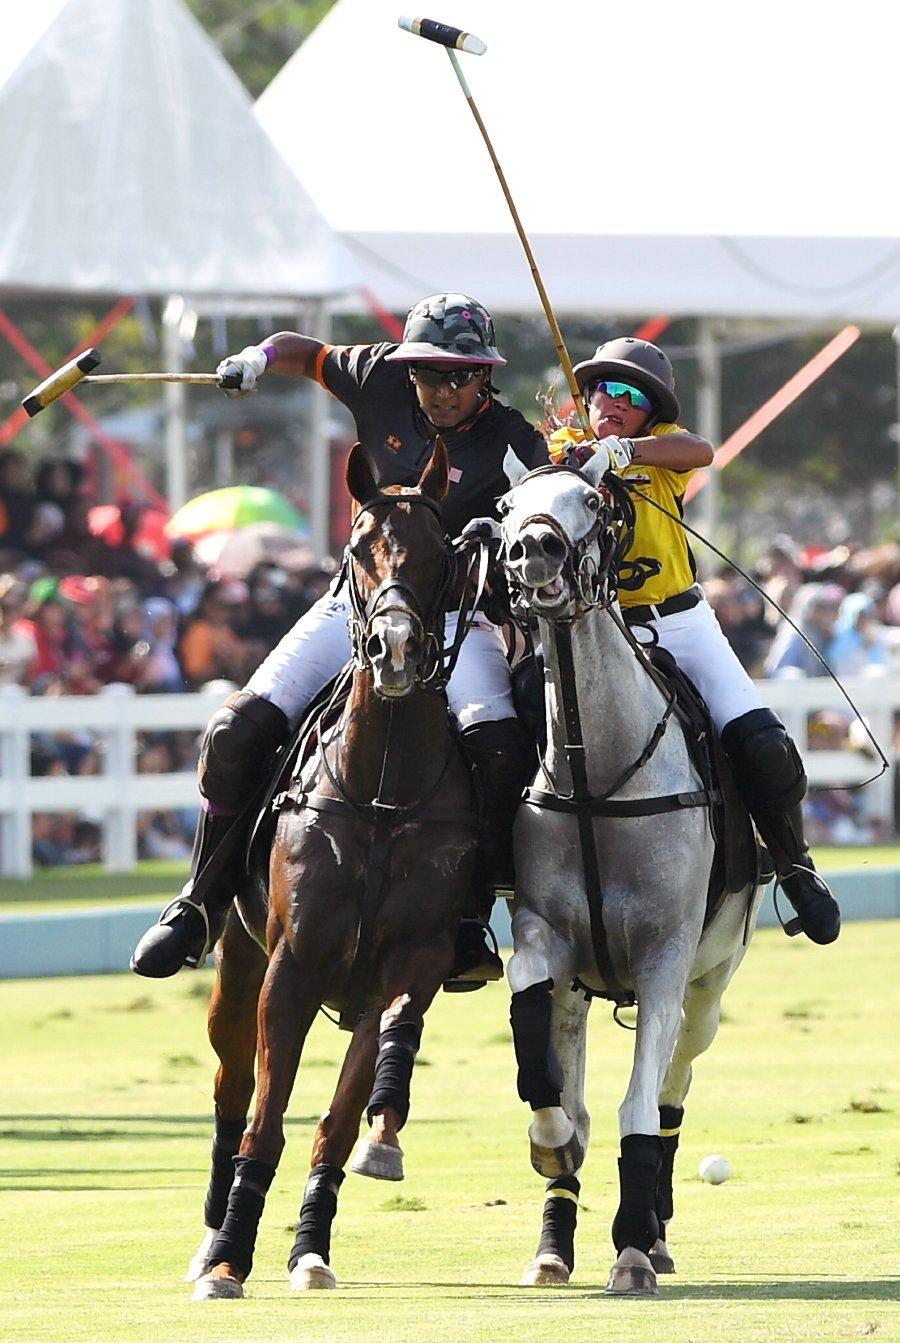 Kl2017 Star Studded Polo Affair As Kj Squares Up To